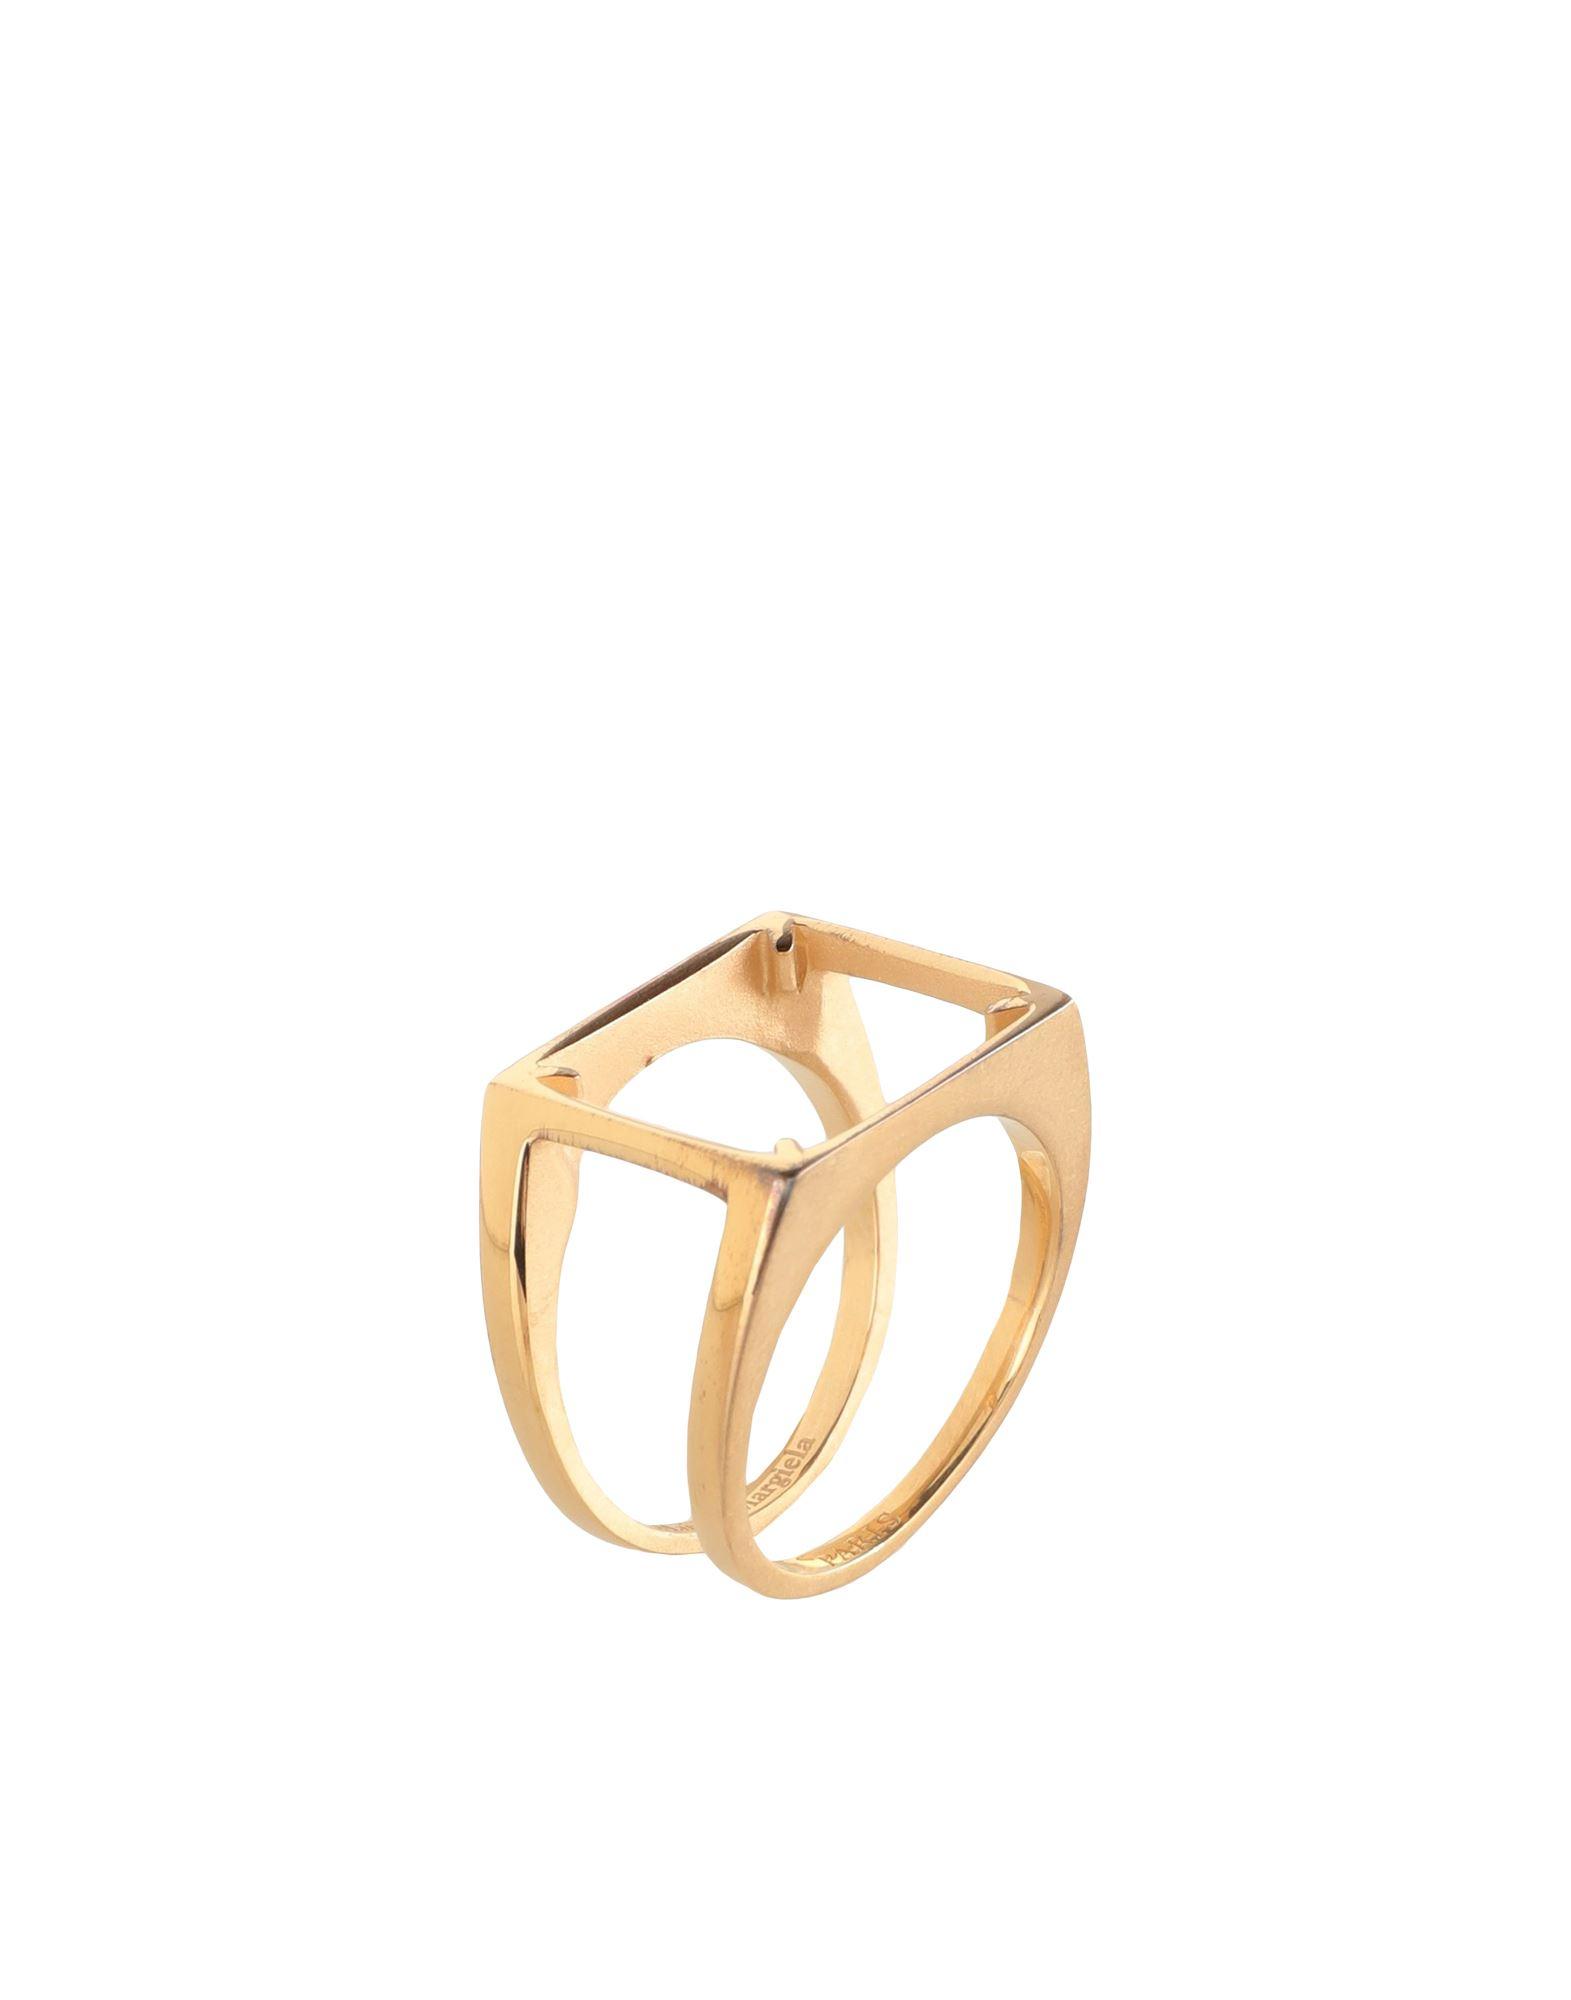 《セール開催中》MAISON MARGIELA メンズ 指輪 ゴールド XS シルバー925/1000 100%